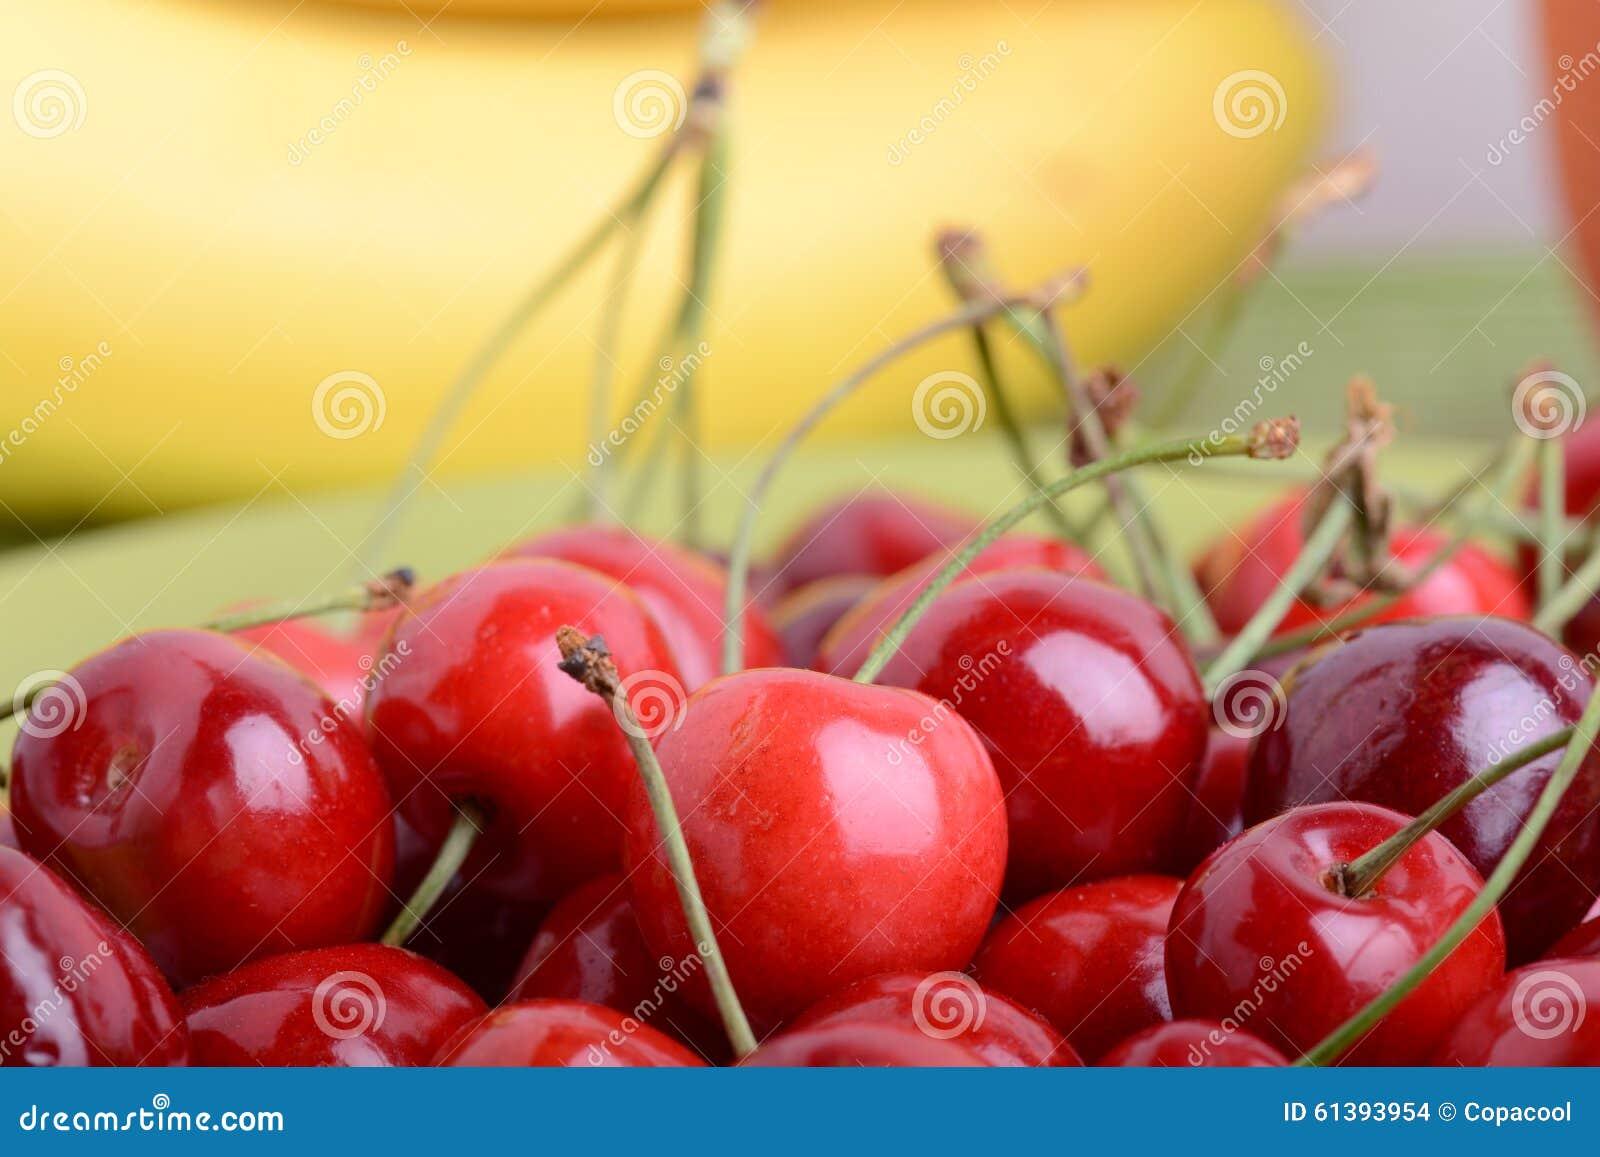 关闭果子包括樱桃和香蕉的新鲜的堆